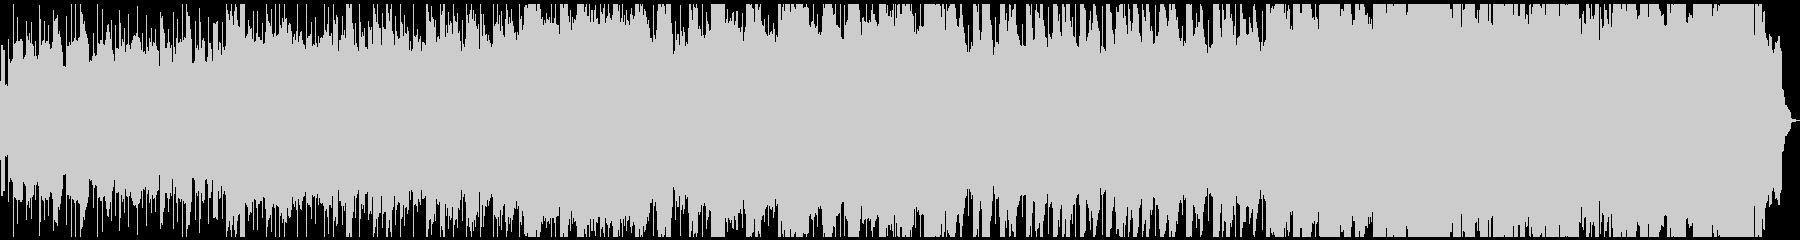 ポップ テクノ 実験的な レトロ ...の未再生の波形